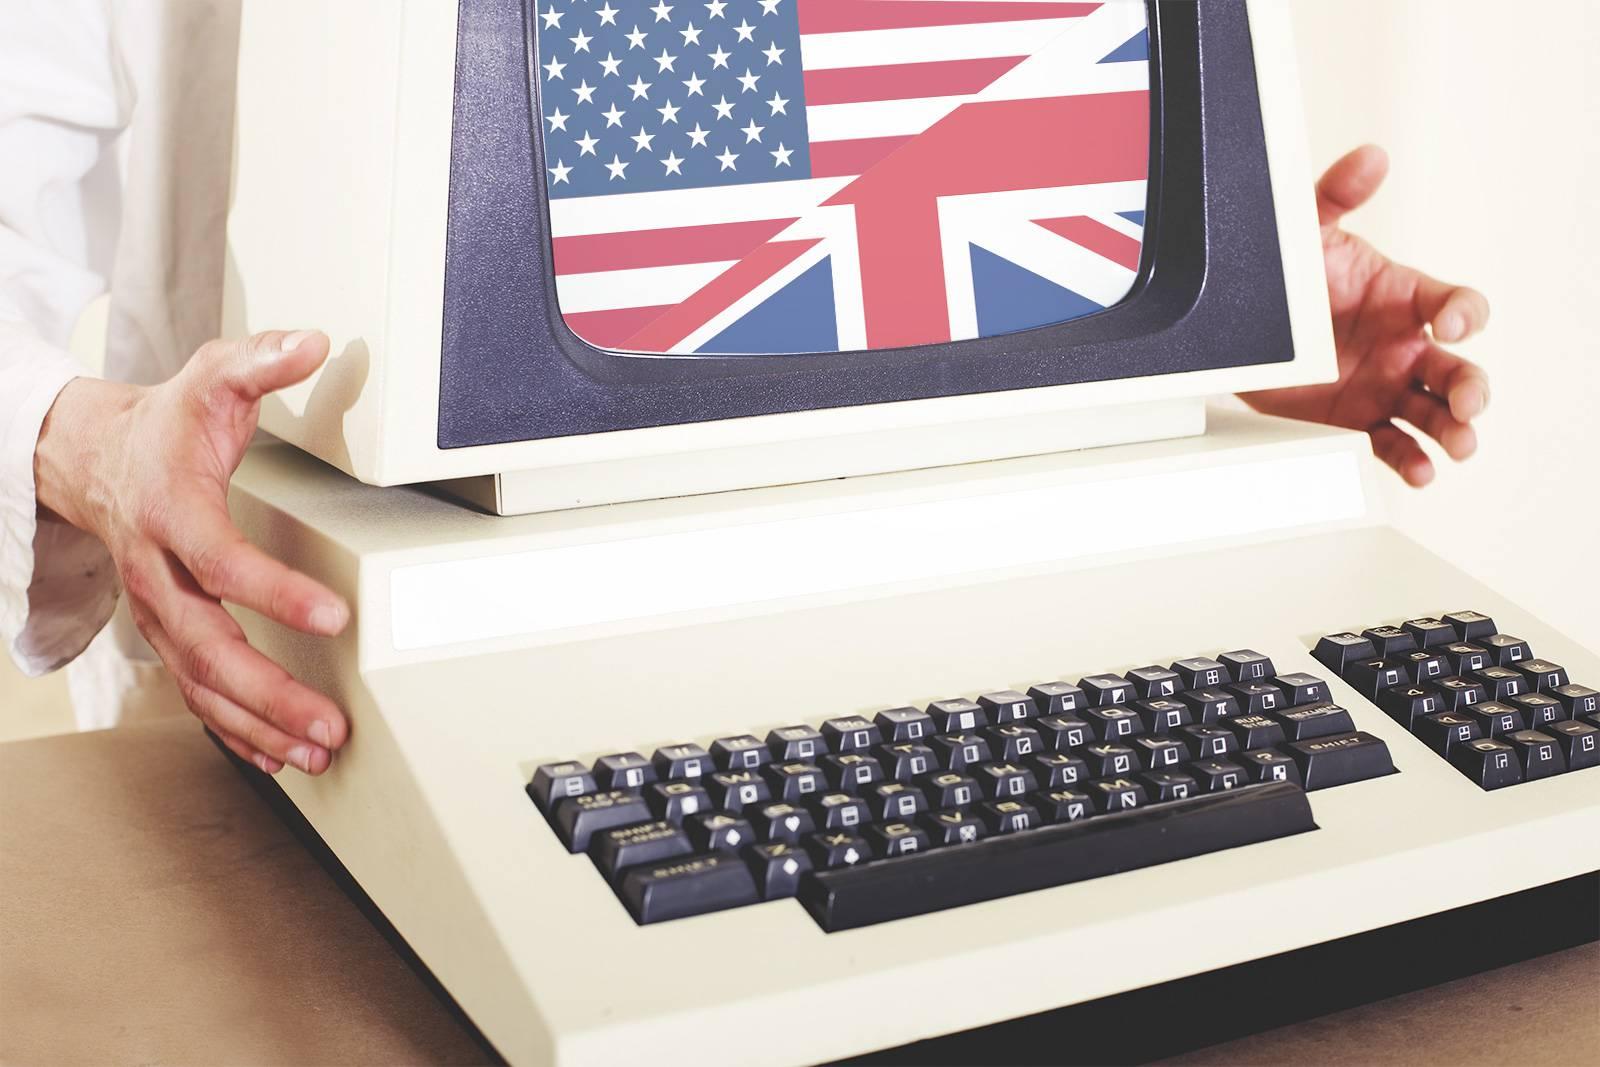 Comment mettre son ordinateur en anglais